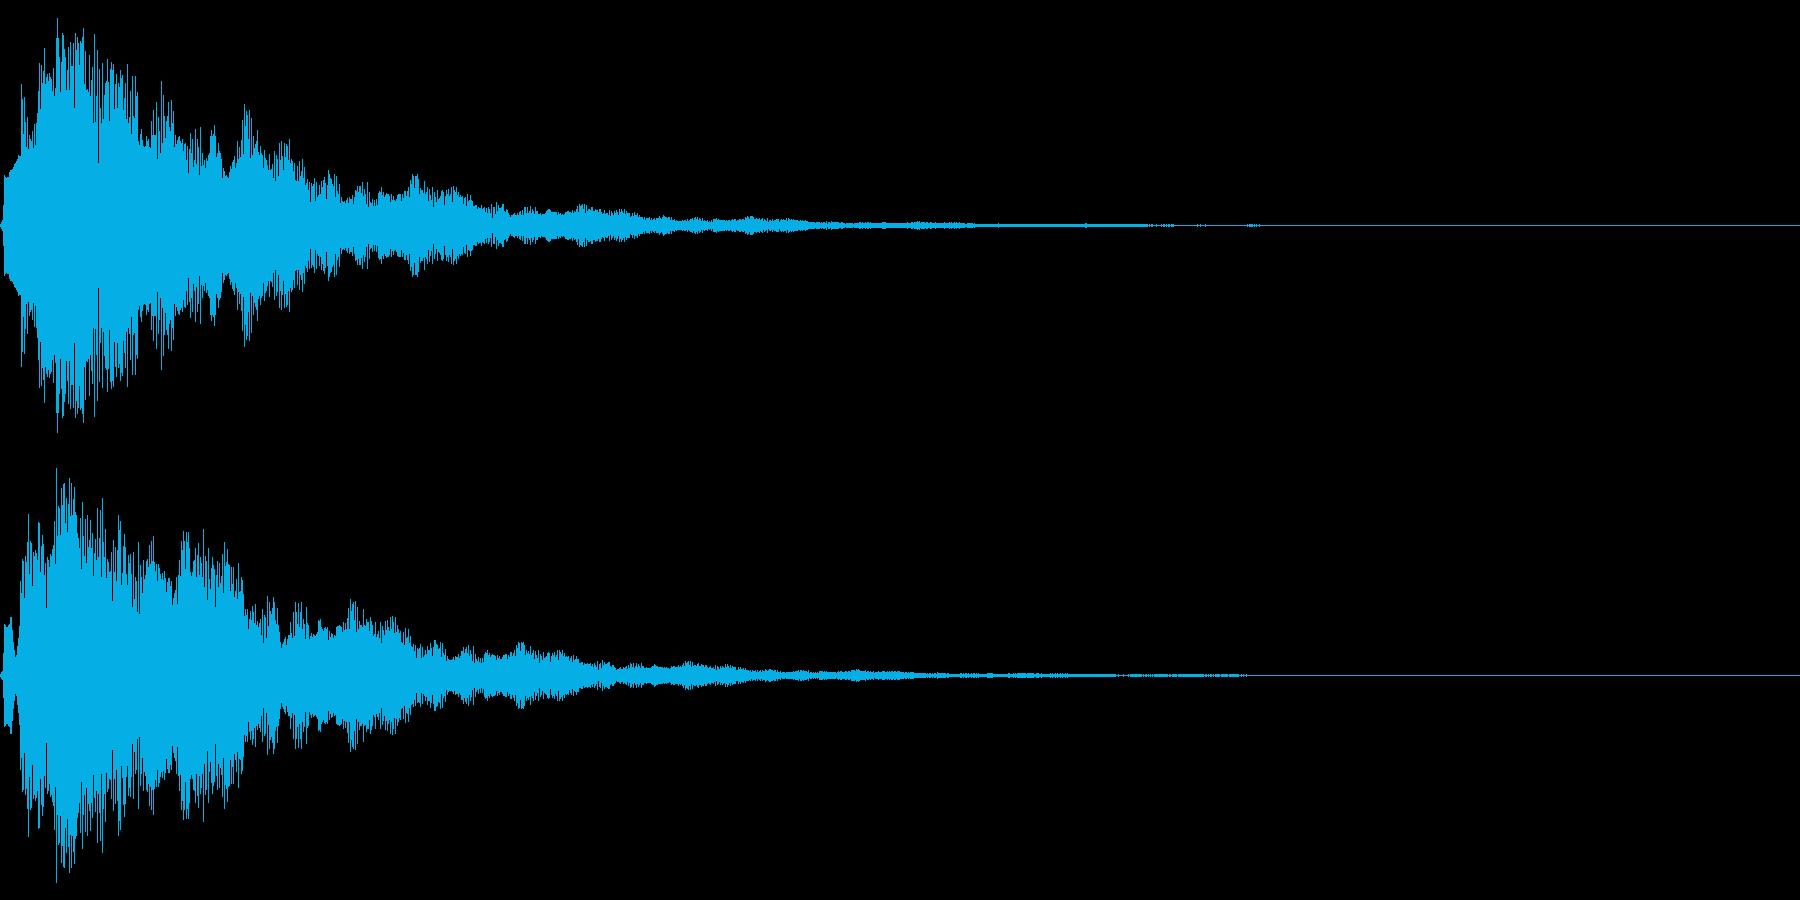 サウンドロゴ10(ベル系)の再生済みの波形